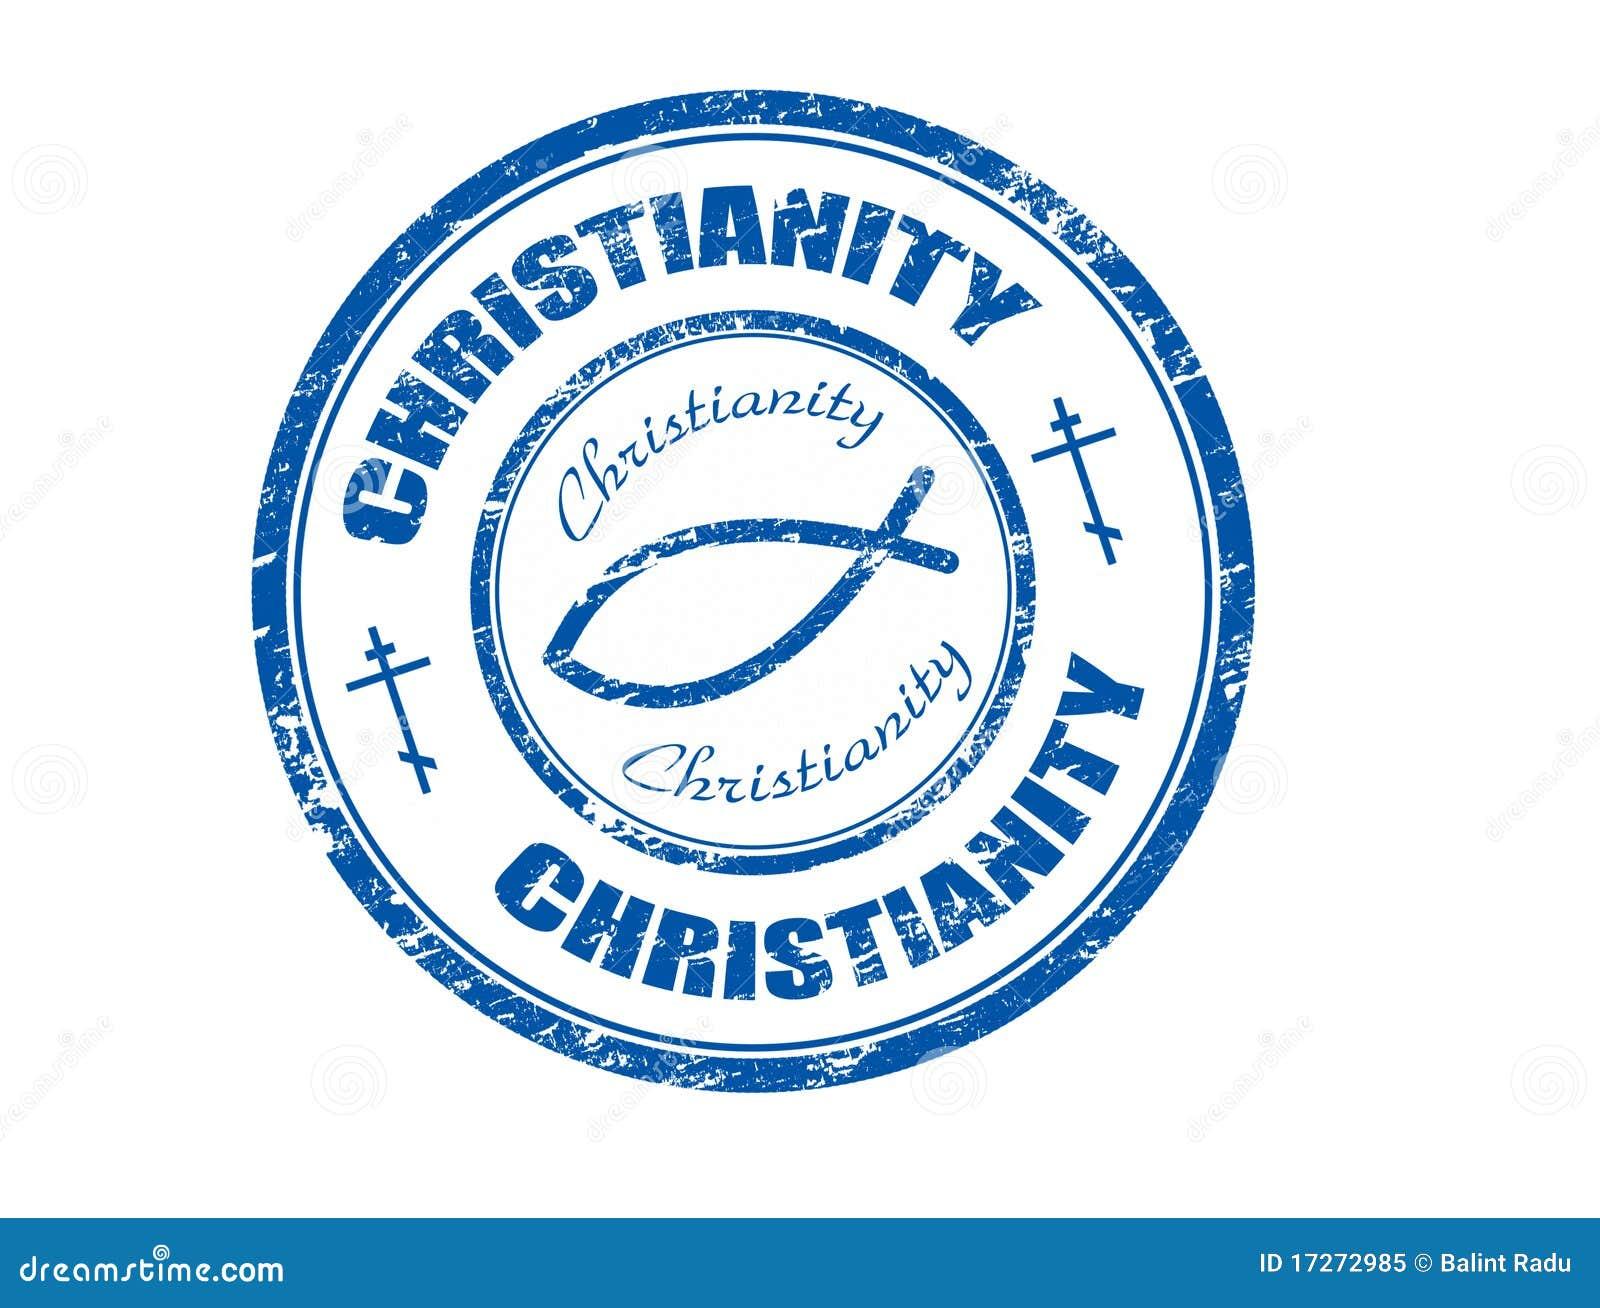 Christentumstempel